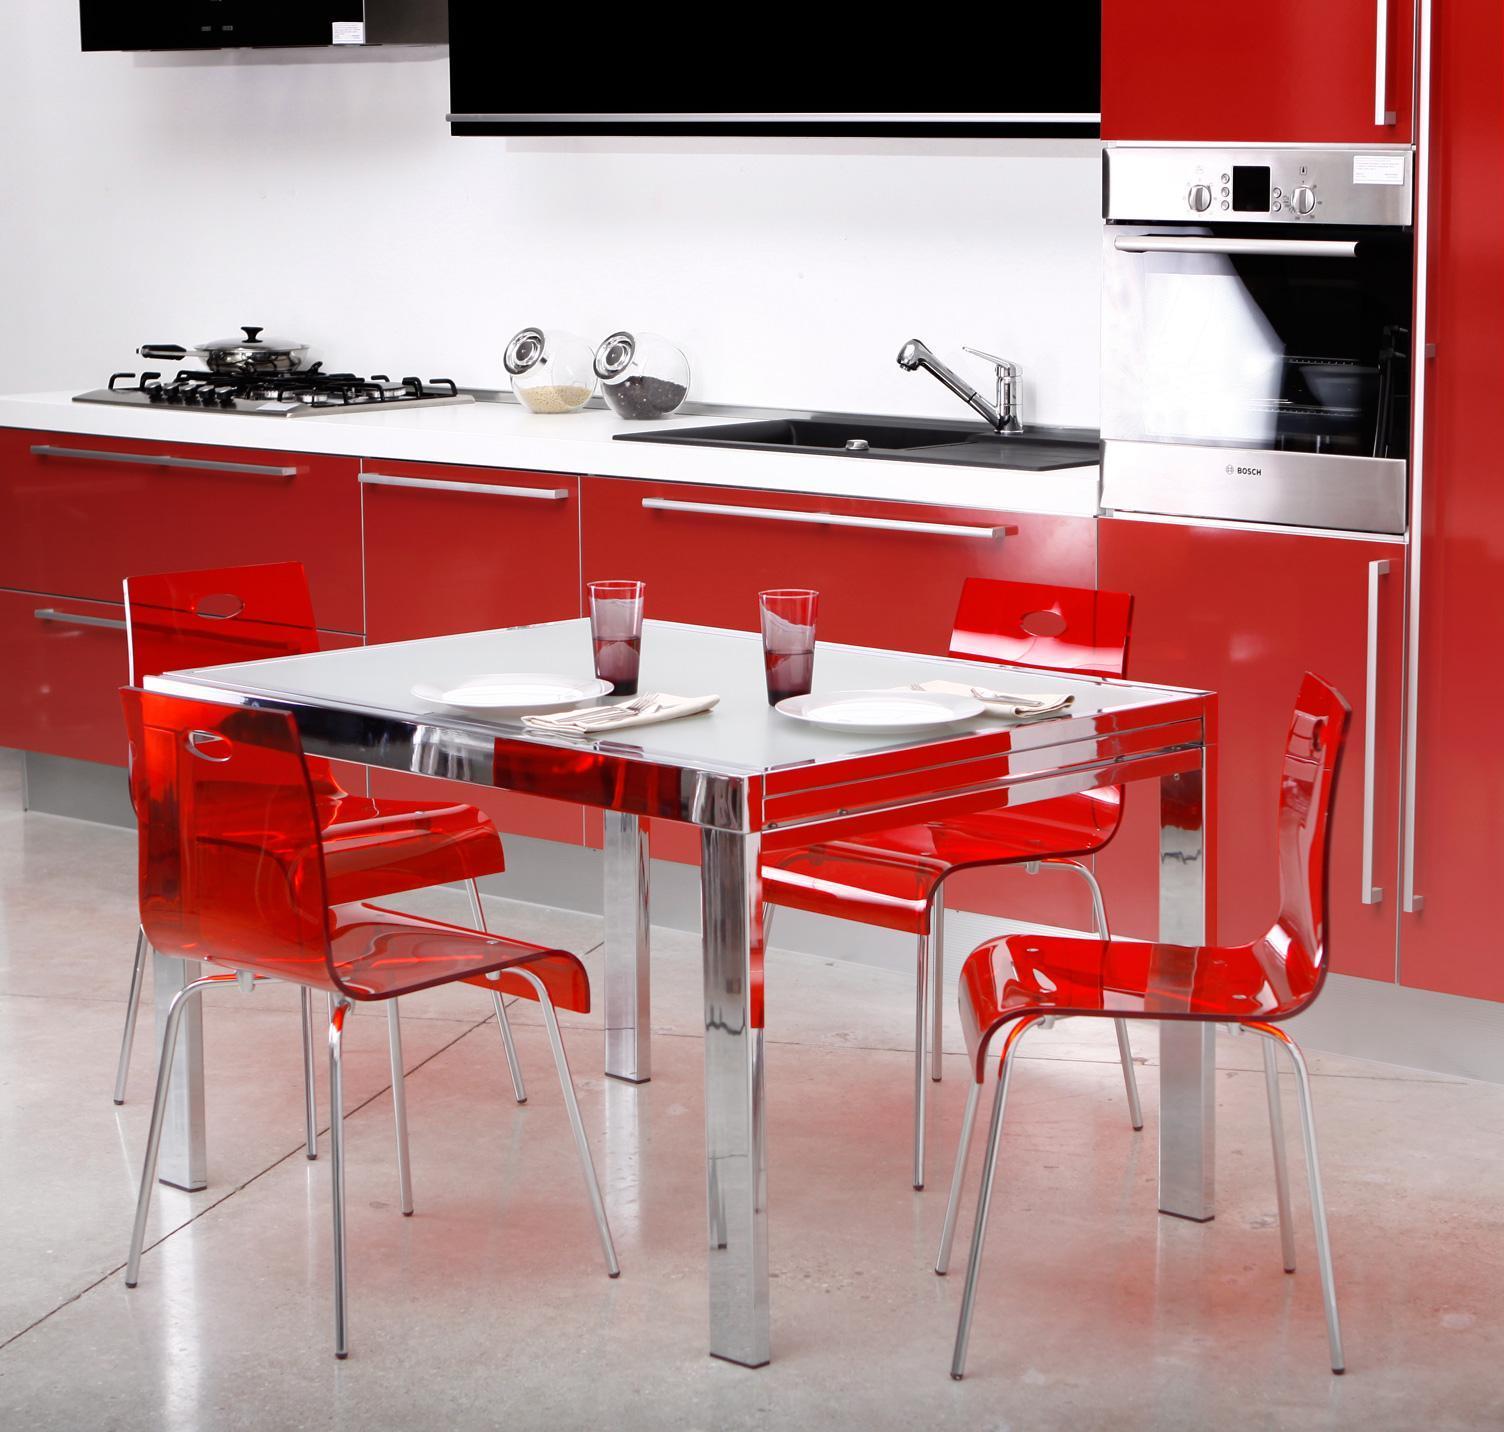 chaise cuisine salle a manger design cindy rouge transparente 10360 1 0 0 0 Résultat Supérieur 5 Nouveau Chaise Pour Table De Cuisine Image 2018 Hgd6